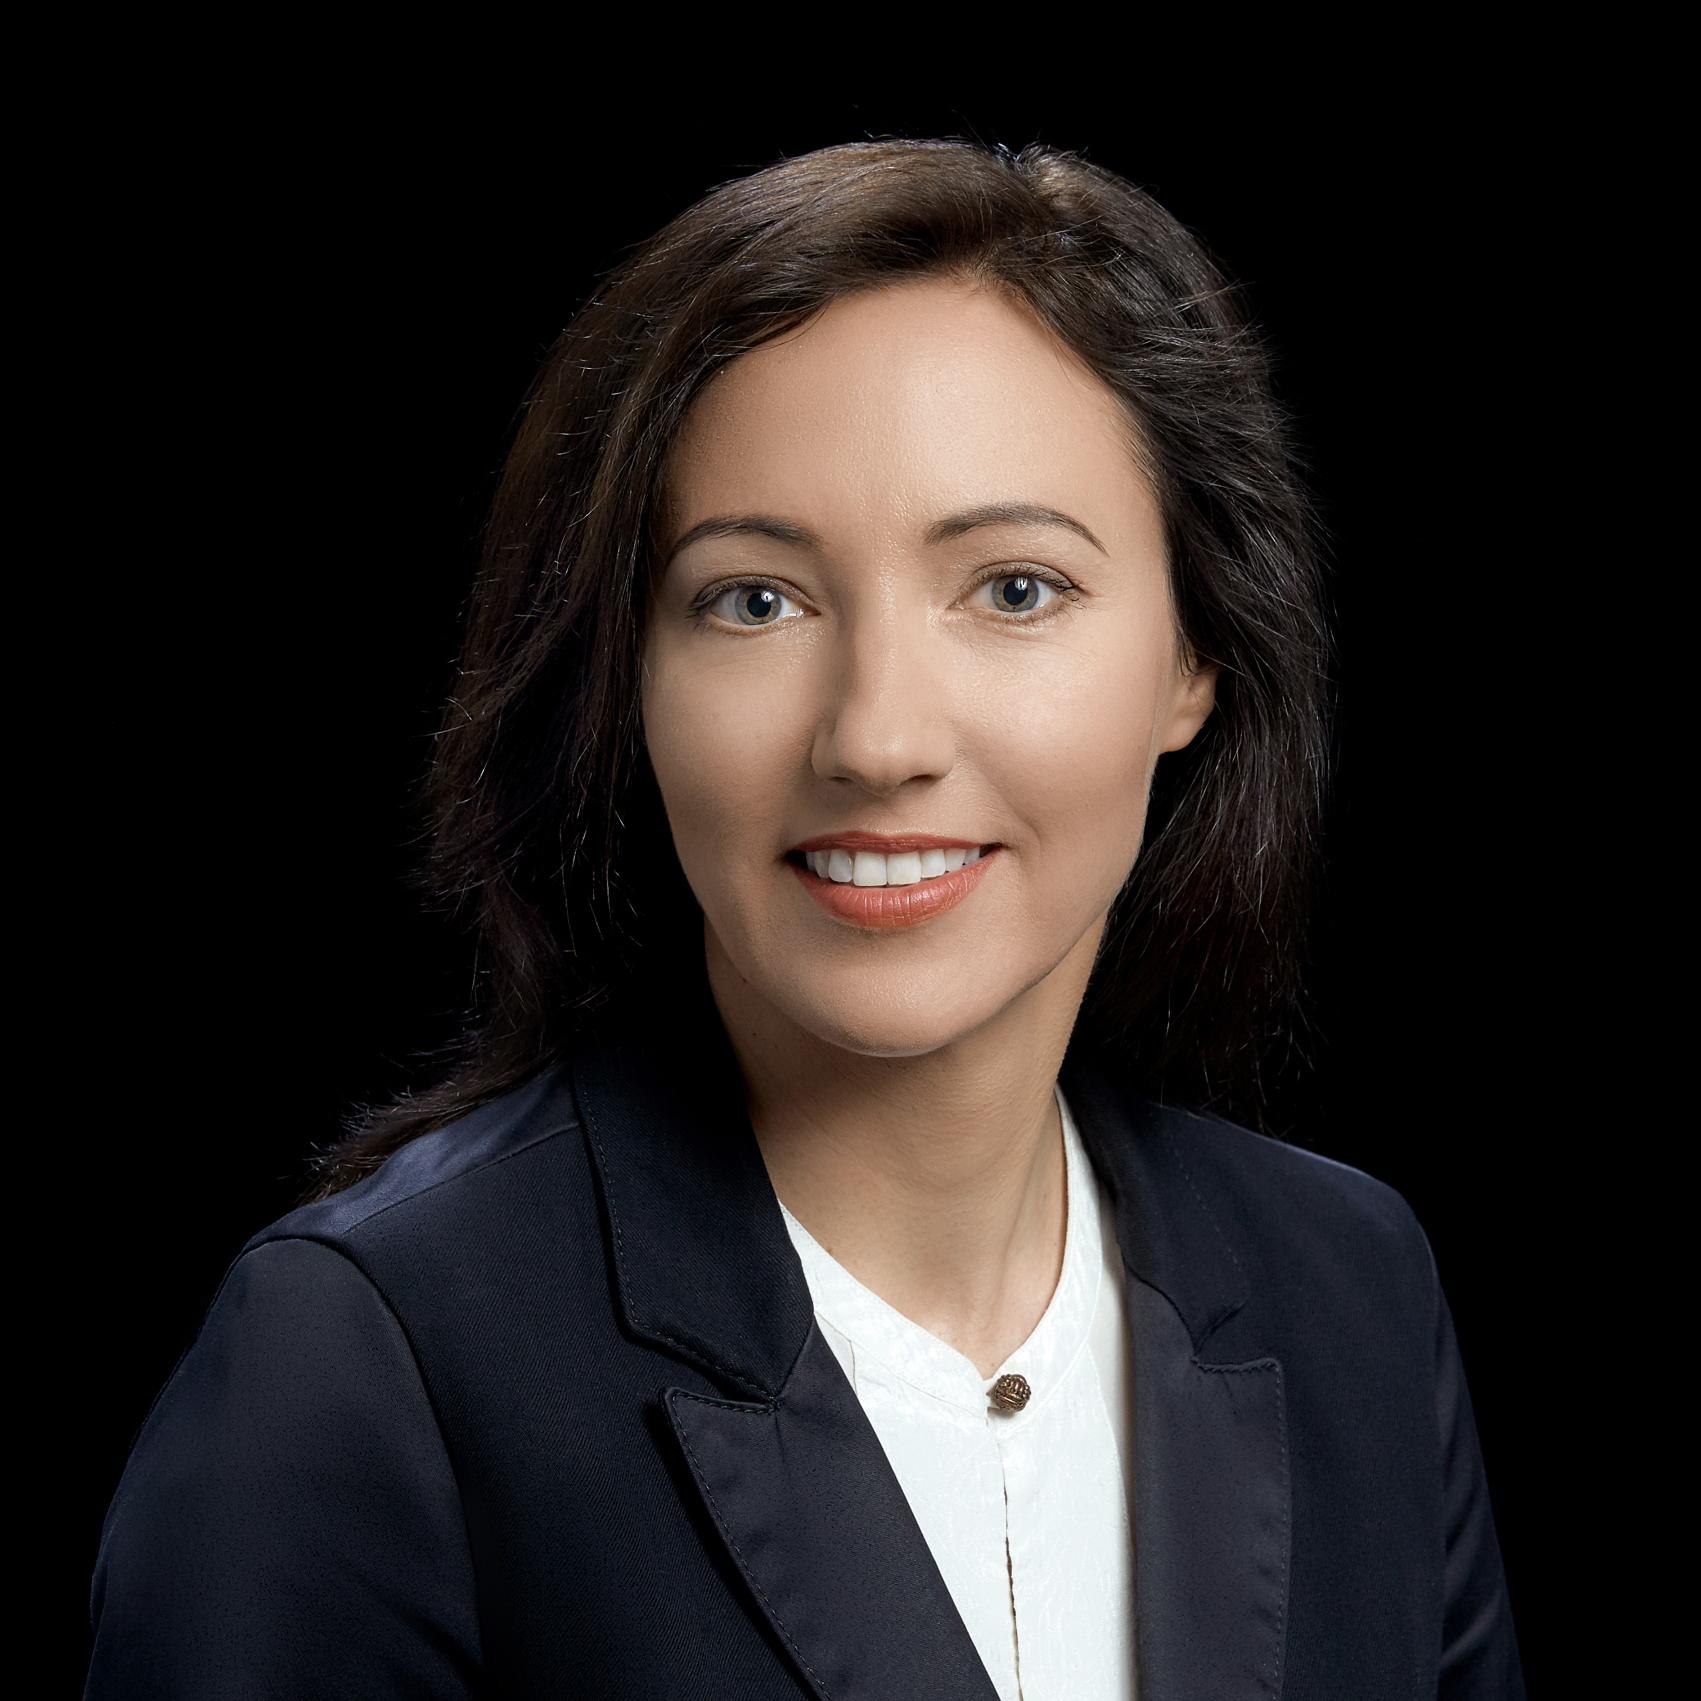 Laura Zalana